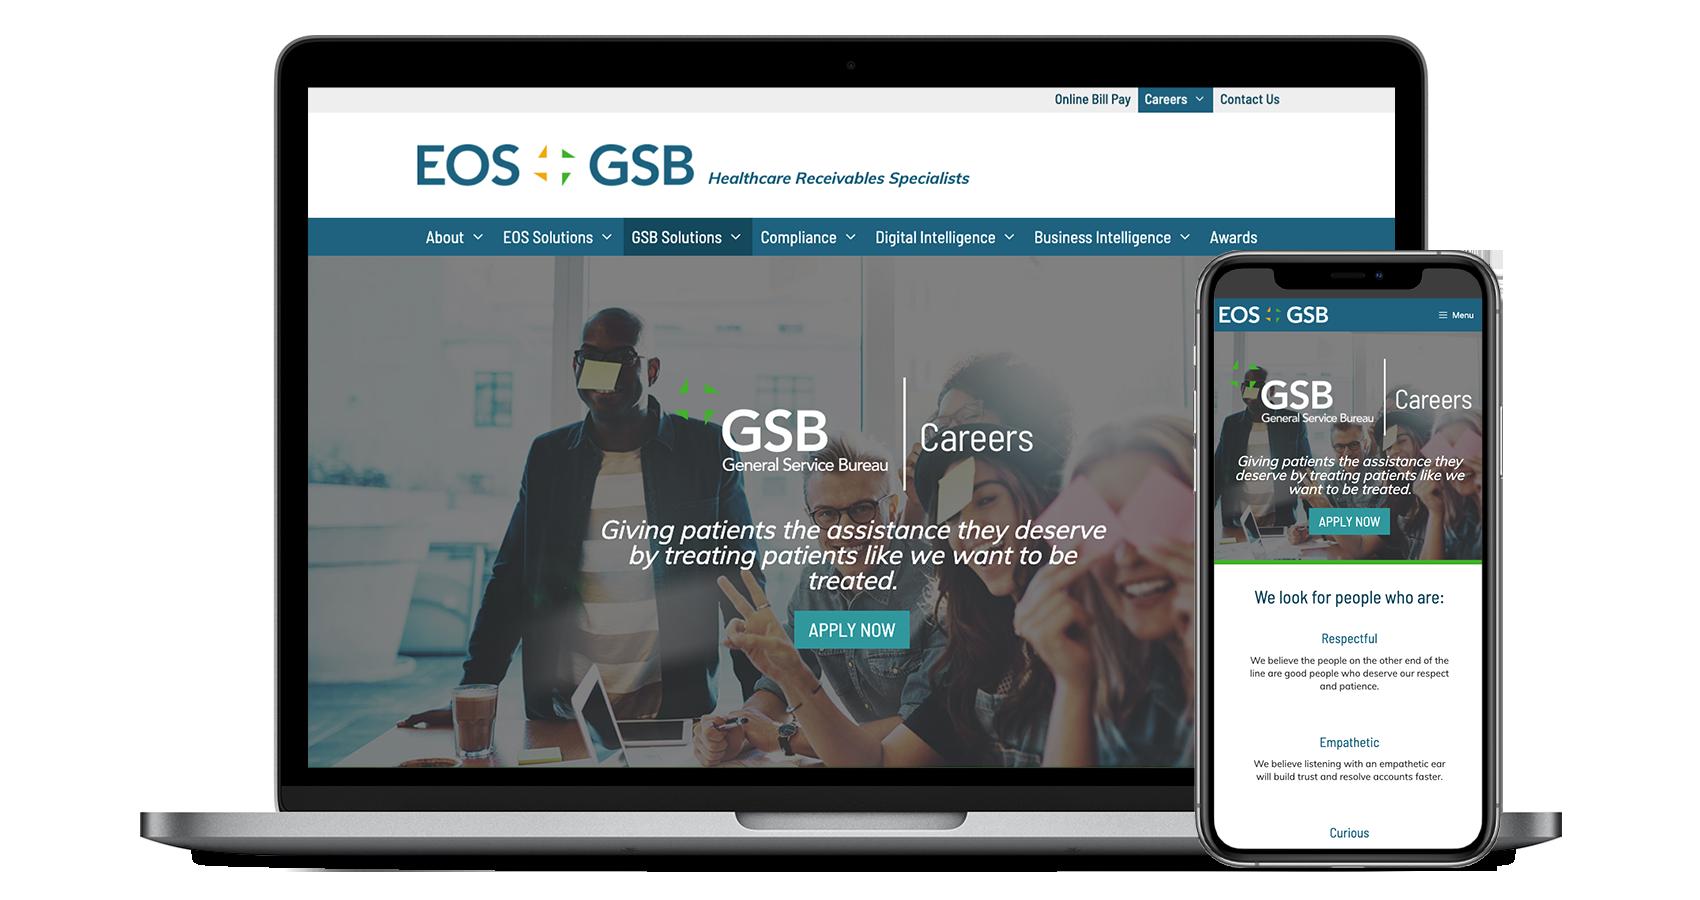 eos-gsb-web-5